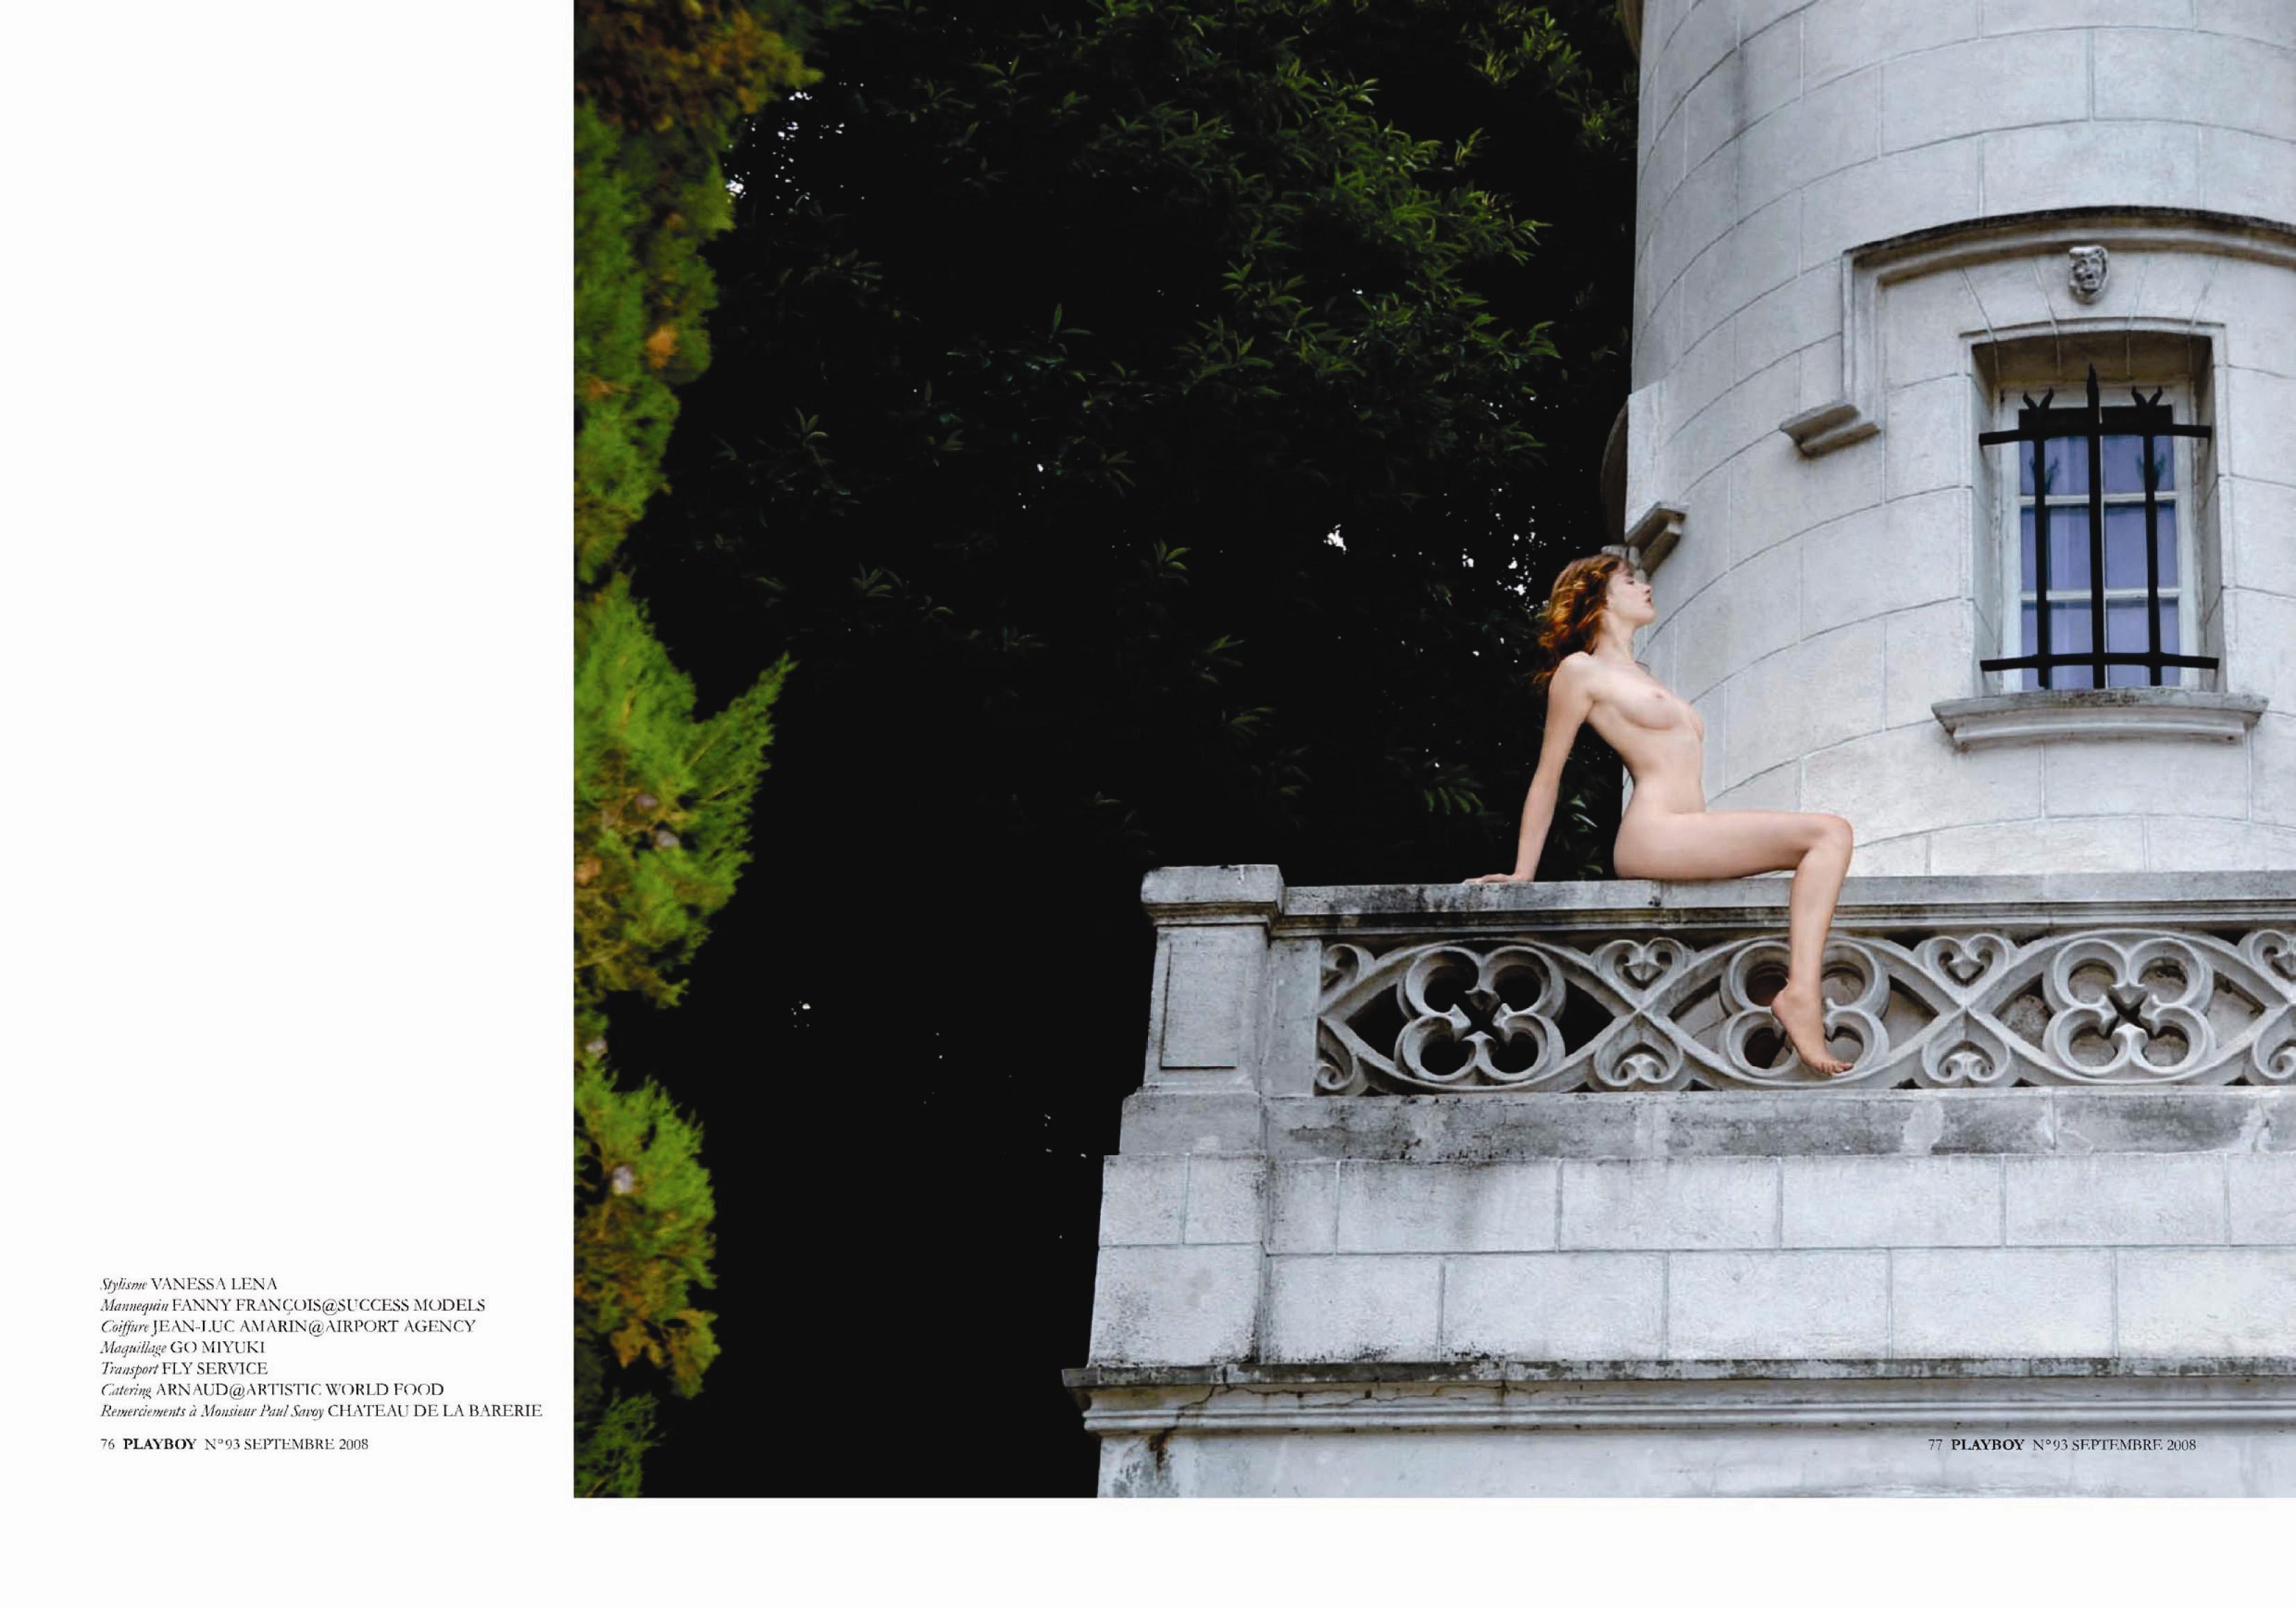 【外人】顔面だけで抜けるレベルのベルギーモデルのファニー・フランソワ(Fanny Francois)の美乳おっぱいポルノ画像 1119